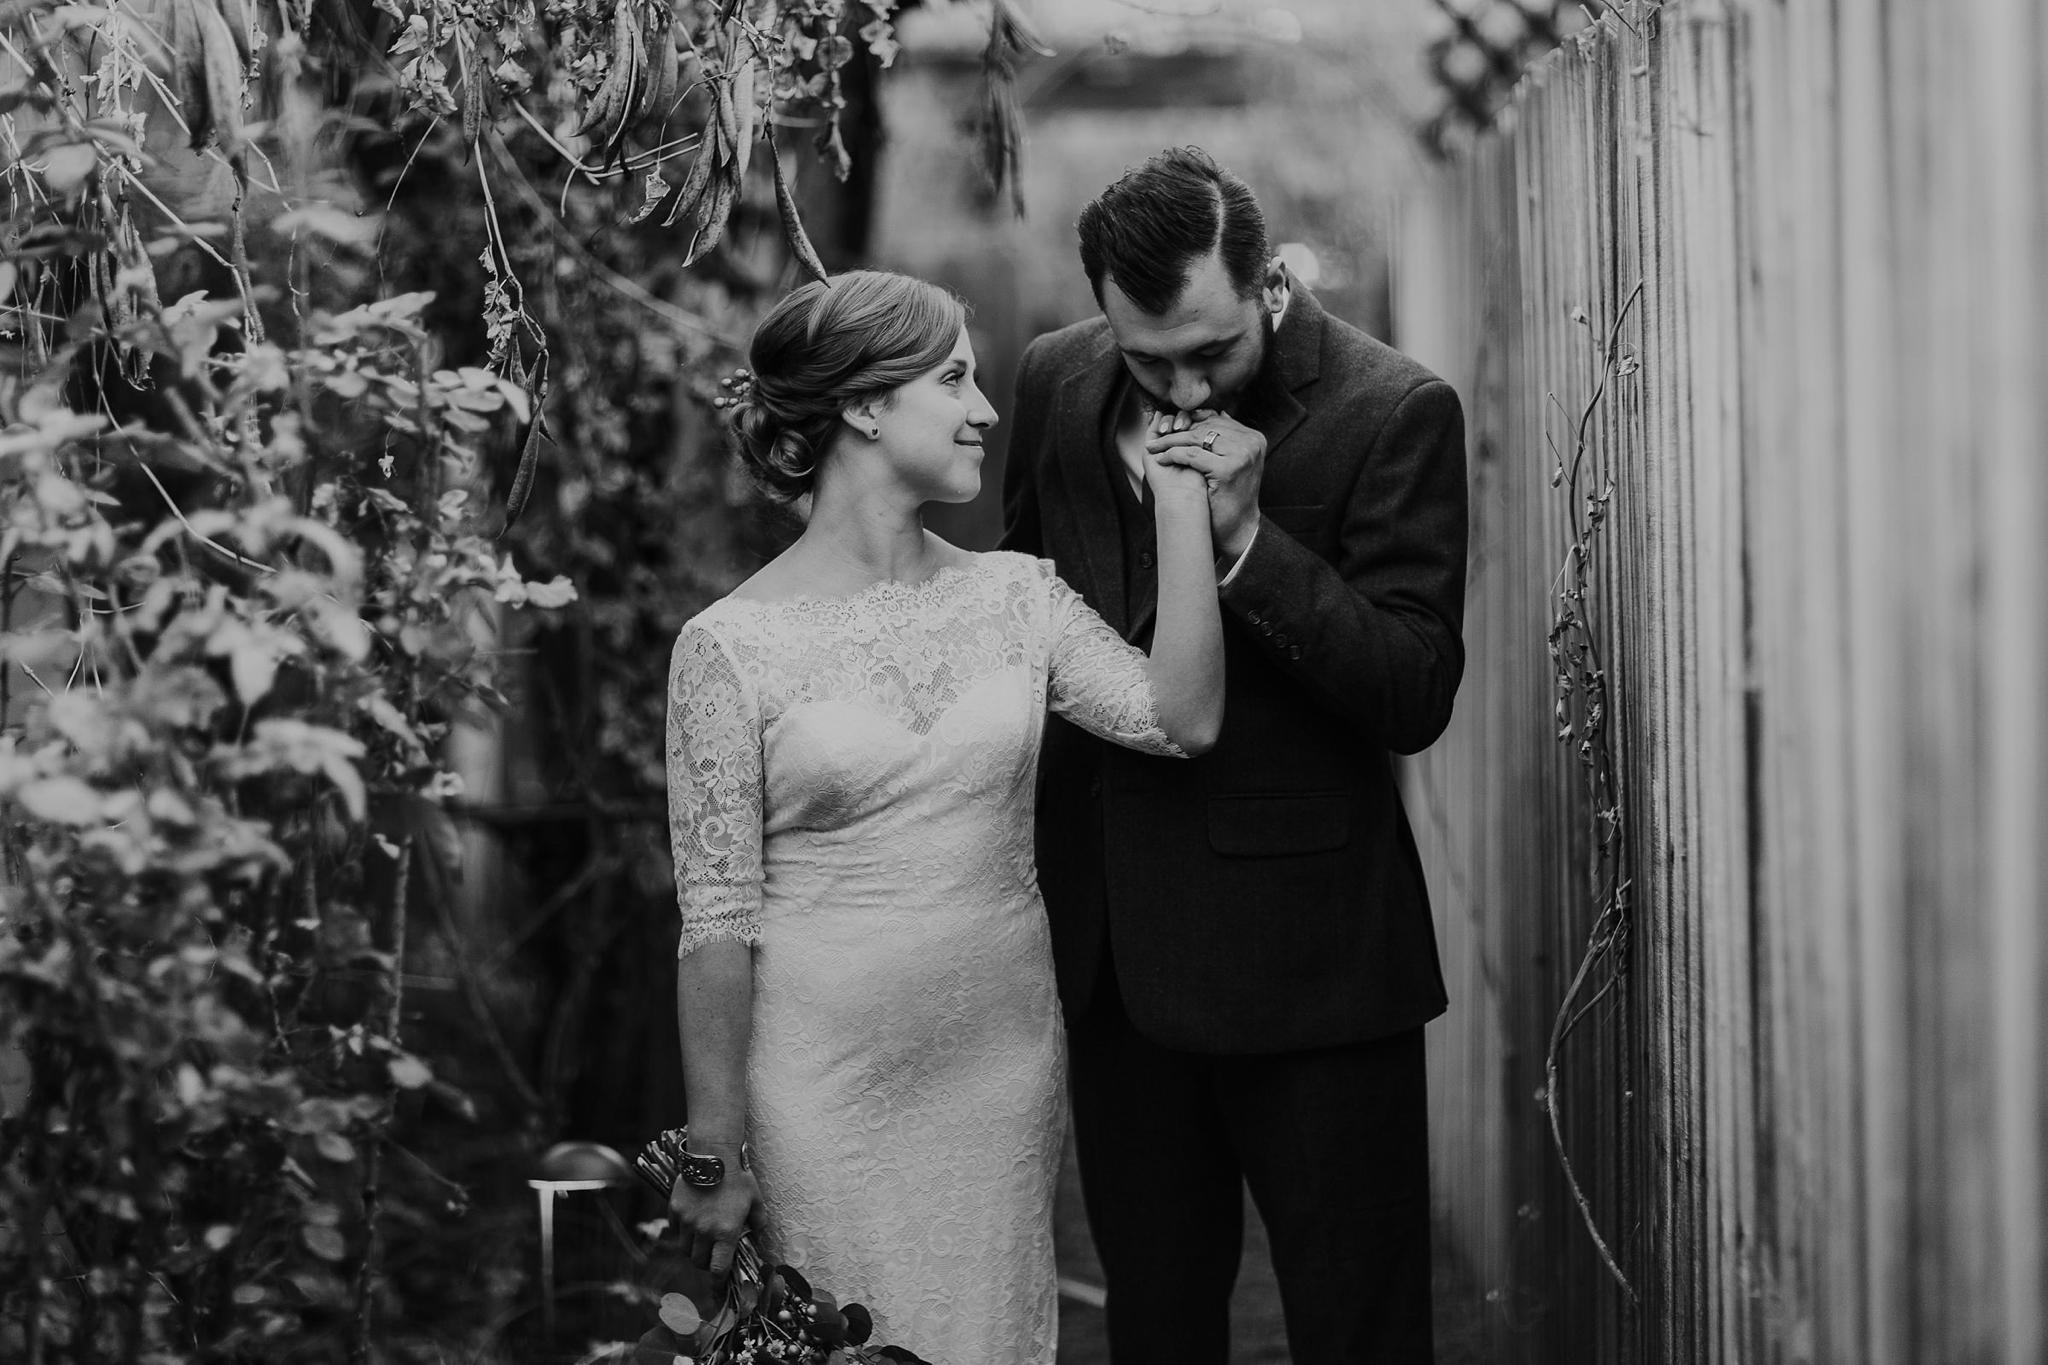 Alicia+lucia+photography+-+albuquerque+wedding+photographer+-+santa+fe+wedding+photography+-+new+mexico+wedding+photographer+-+new+mexico+wedding+-+wedding+photographer+-+wedding+photographer+team_0239.jpg